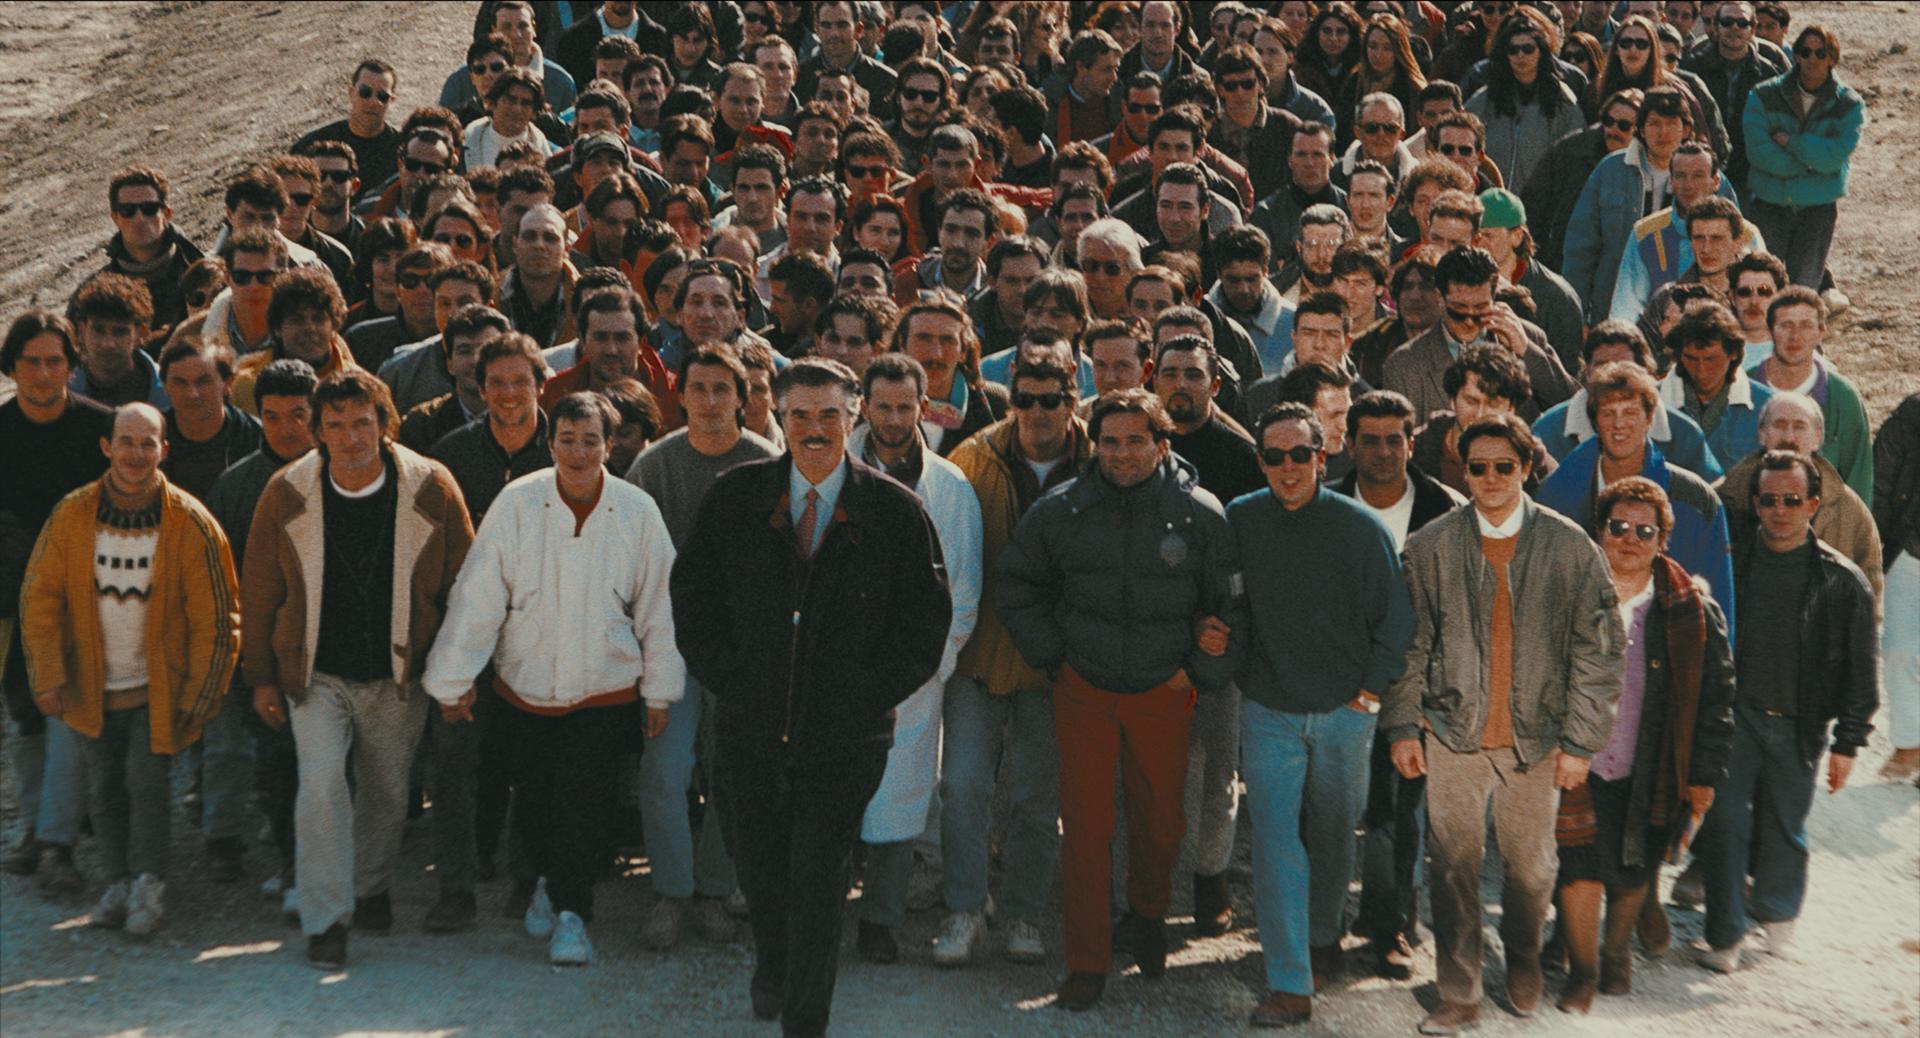 SanPa: Luci e tenebre di San Patrignano recensione docu-serie Netflix